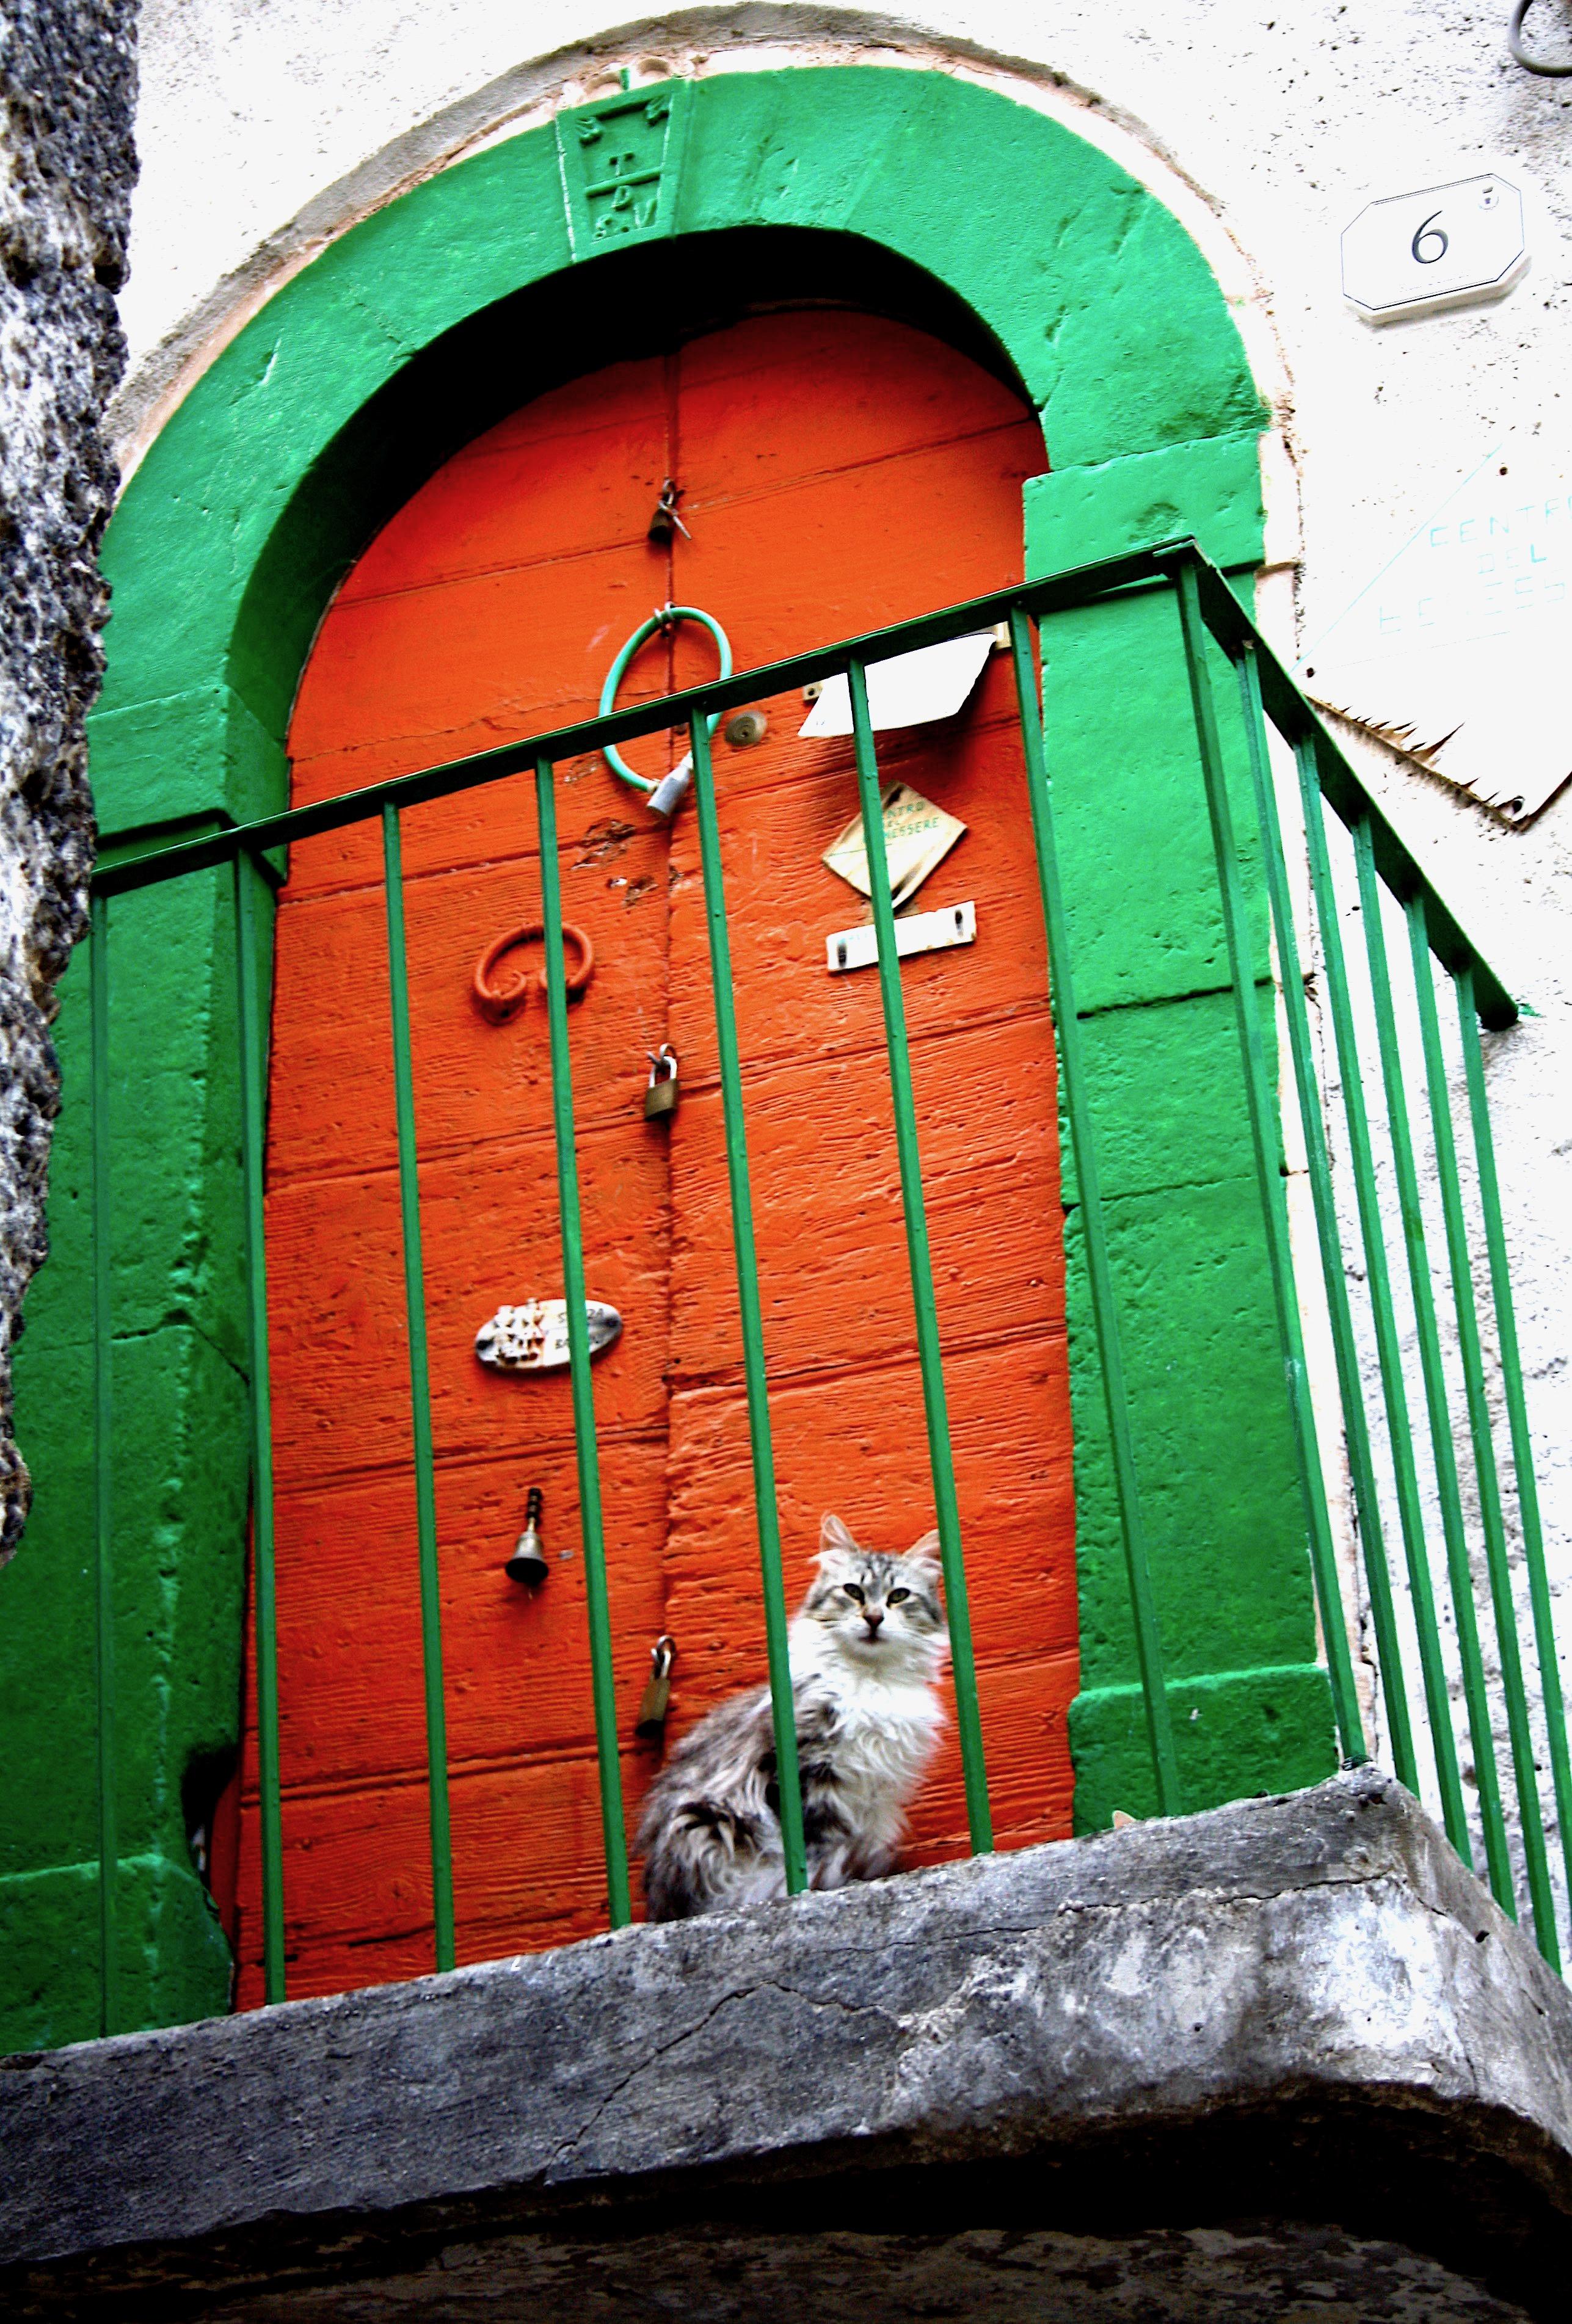 Cat sitting outside a colourful Italian door in Pettorano sul Gizio, Abruzzo Italy